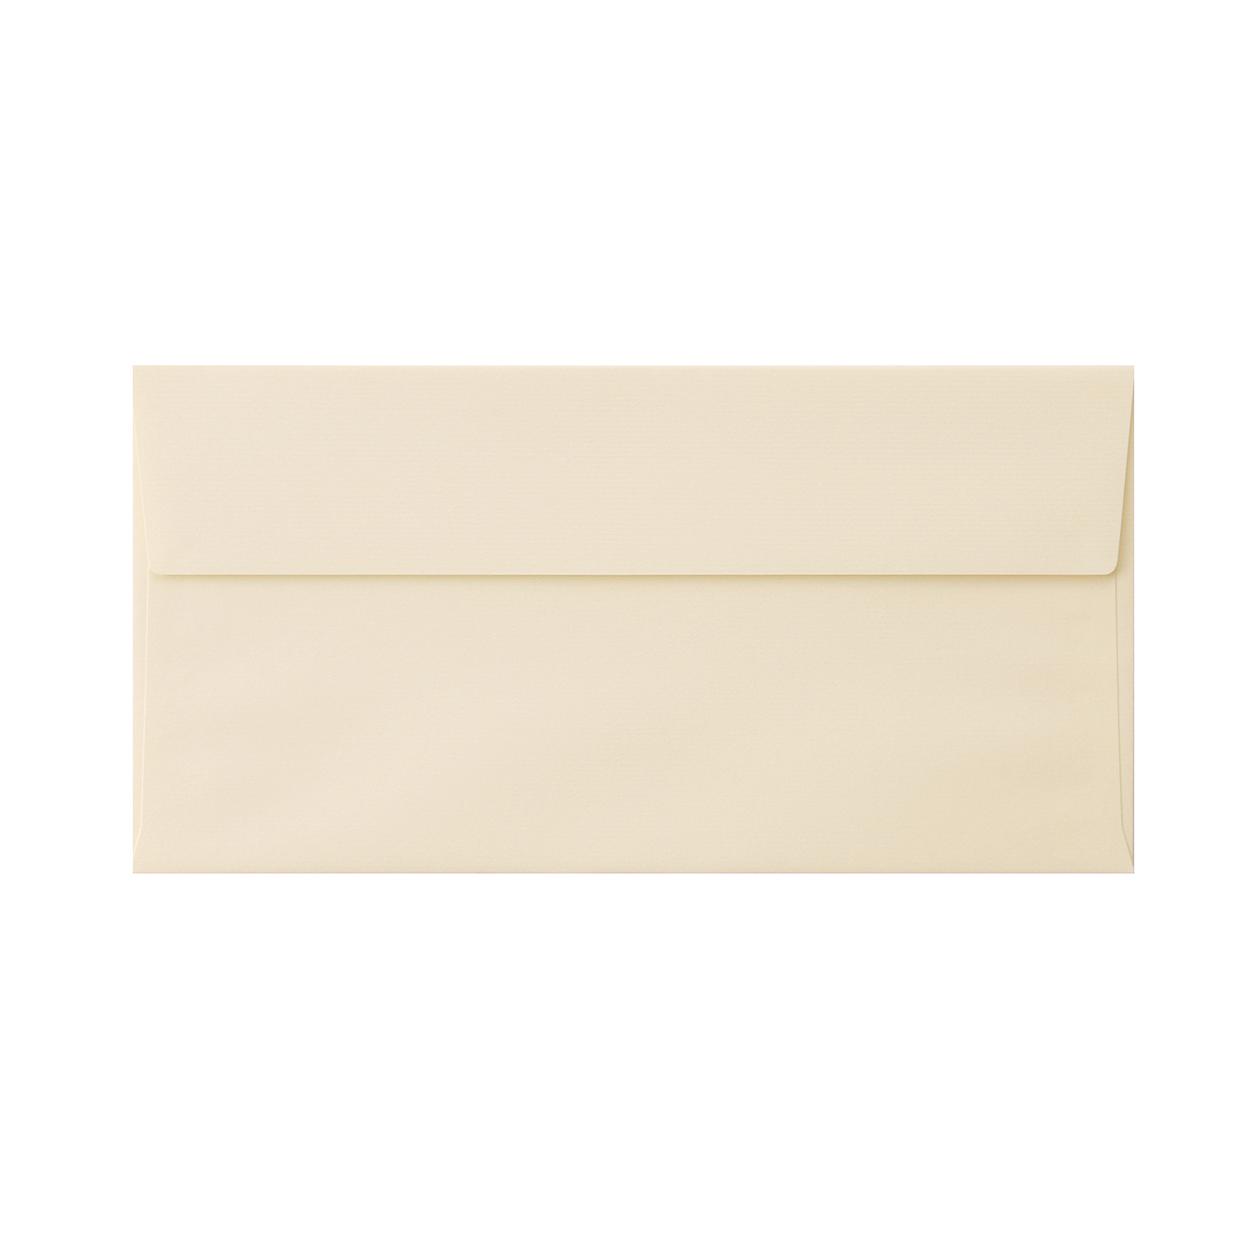 長3カマス封筒 コットンレイド ナチュラル 116.3g